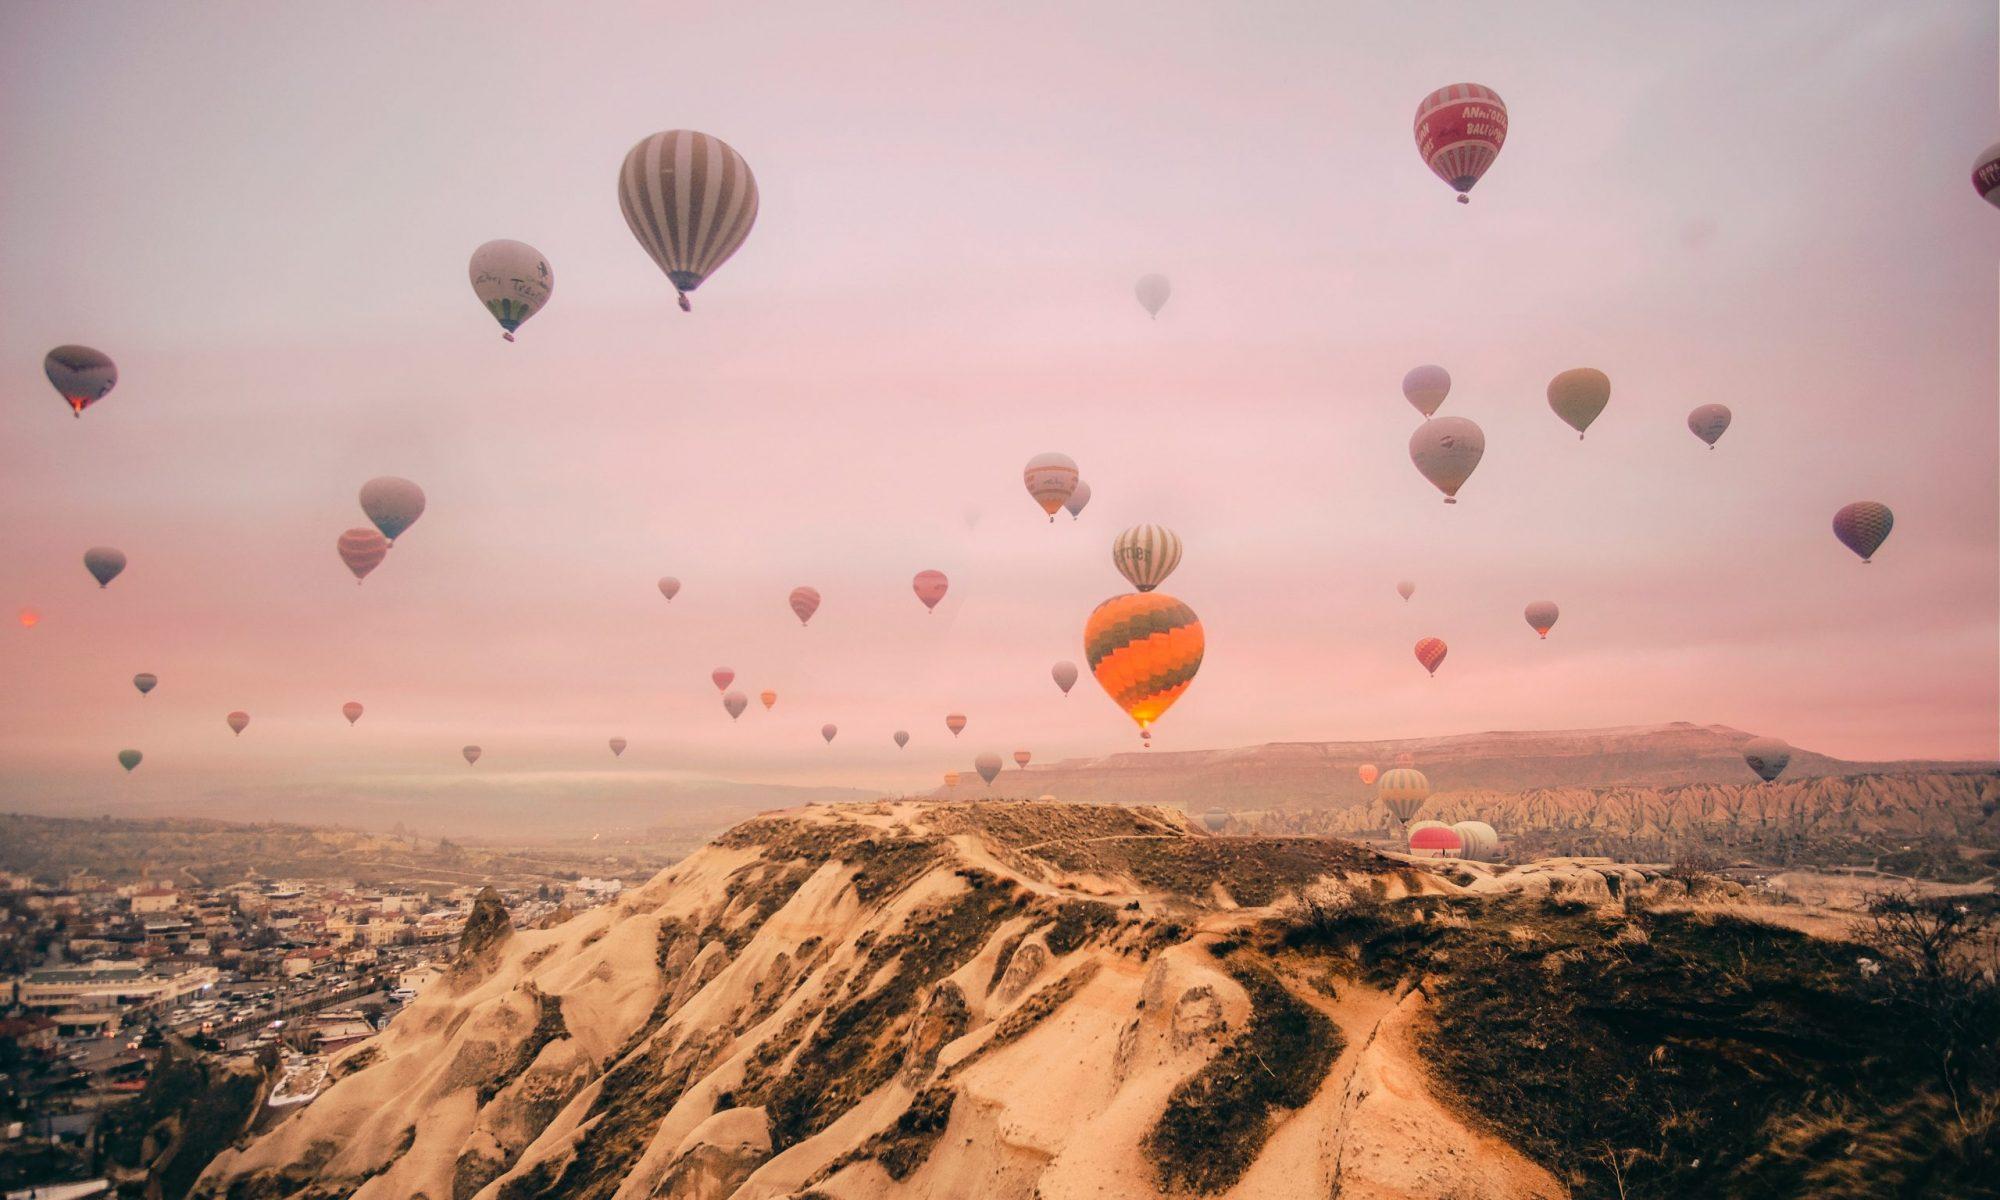 Hình ảnh khinh khí cầu đẹp và lãng mạn